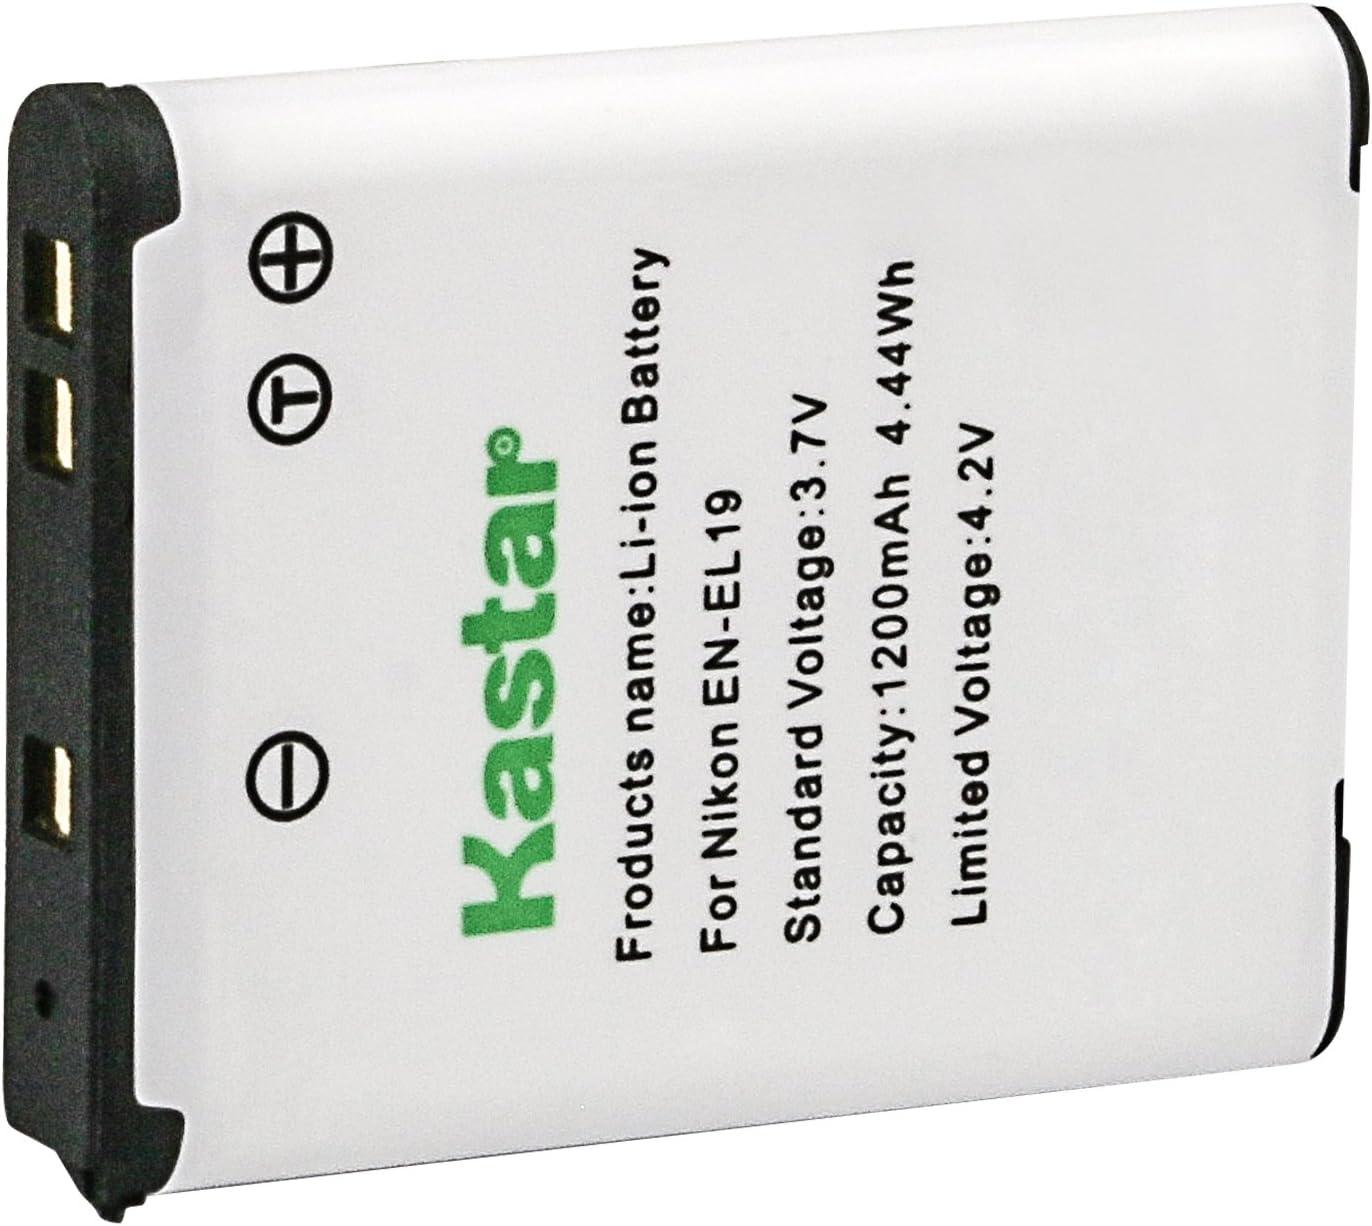 S2550 S4150 Batería EN-EL19 ENEL19 para Nikon CoolPix S2500 S4100 S3100